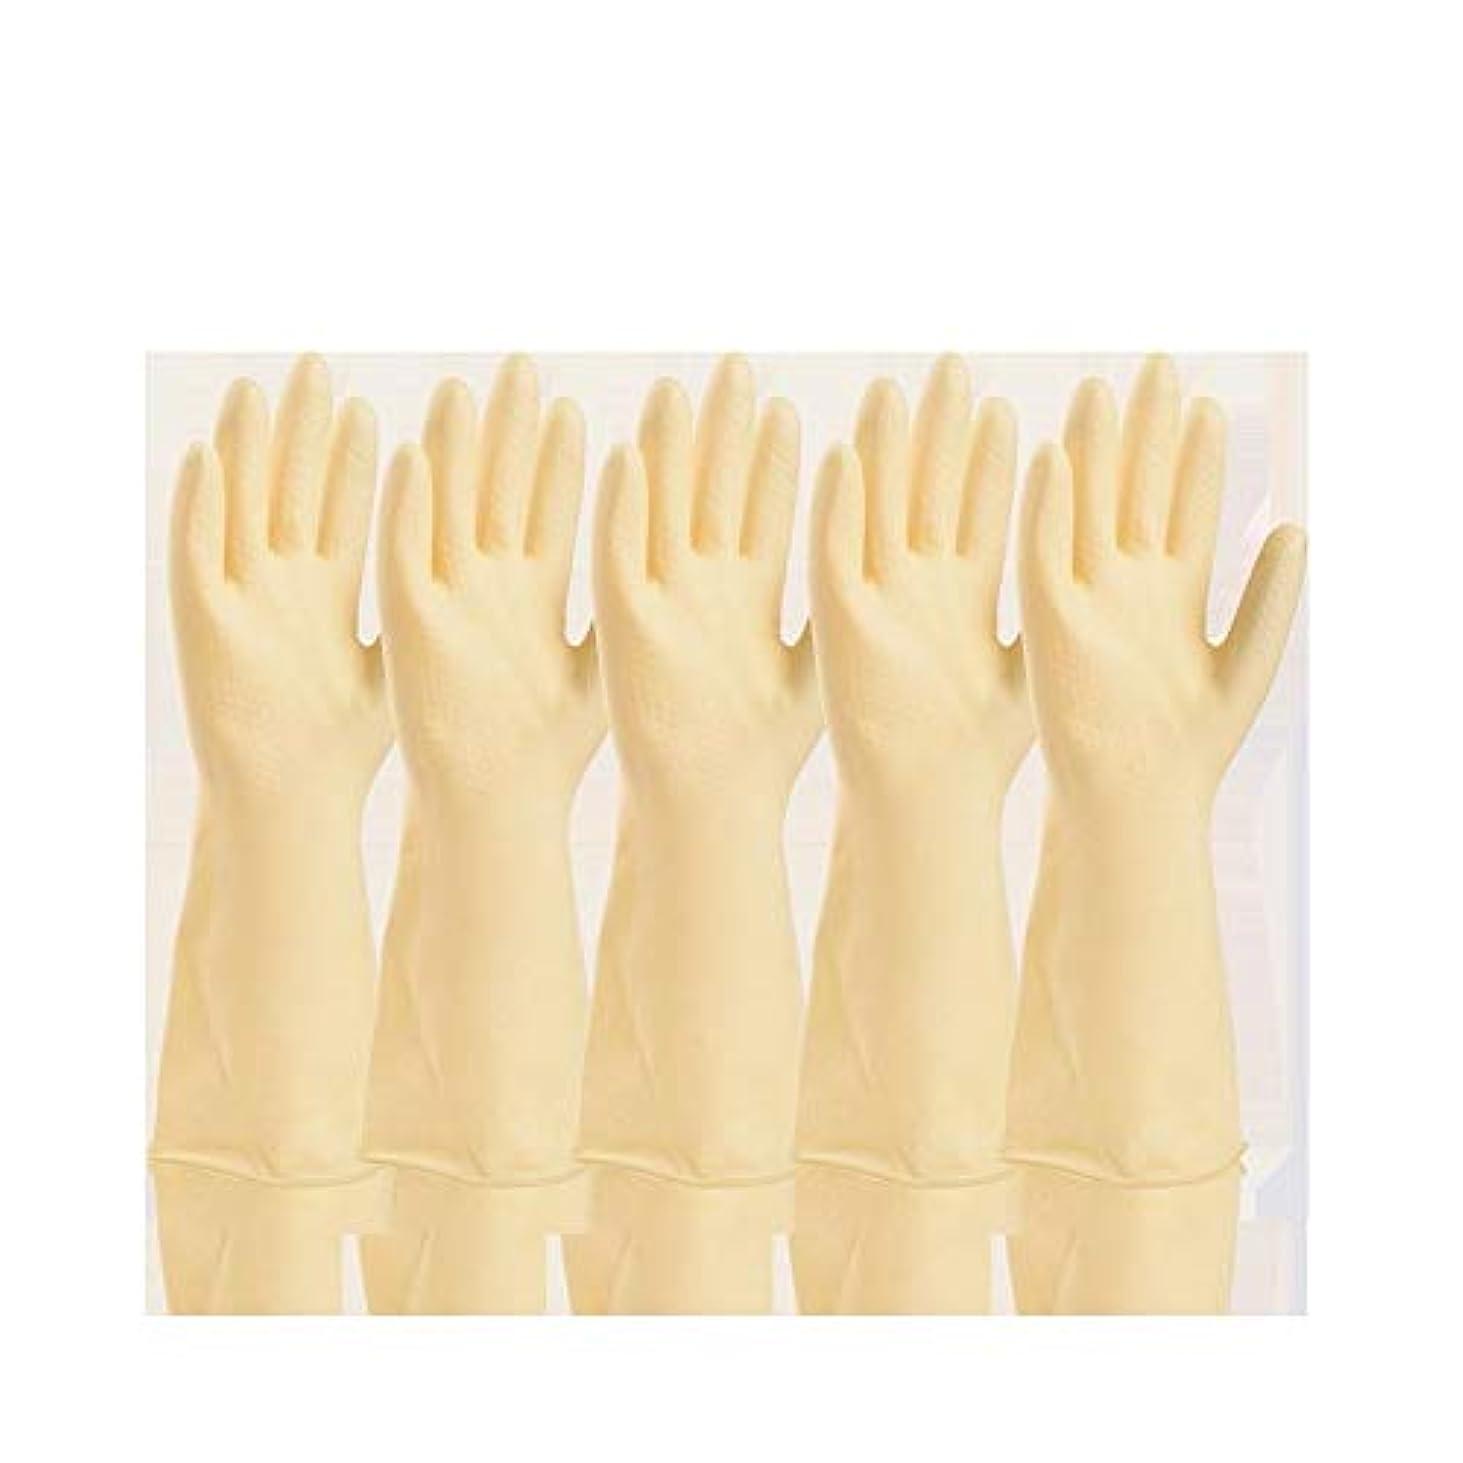 売上高ロボット雨ニトリルゴム手袋 工業用手袋厚手のプラスチック製保護用耐水性防水ラテックス手袋、5ペア 使い捨て手袋 (Color : White, Size : L)